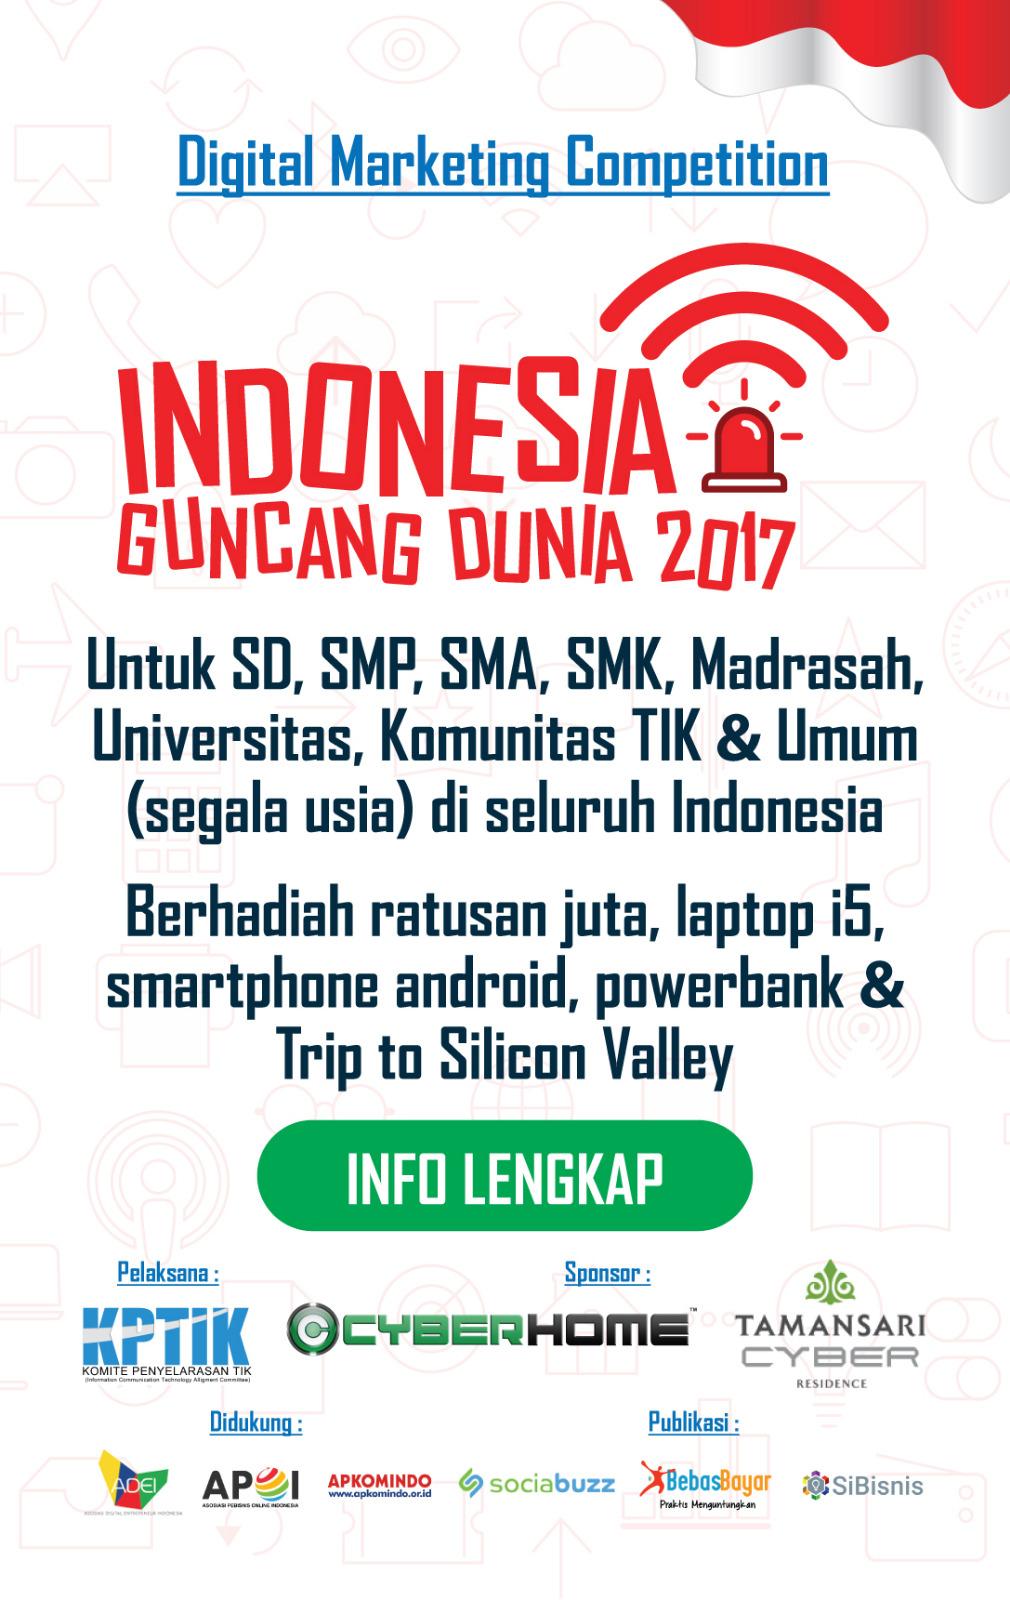 Indonesia Guncang Dunia 2017